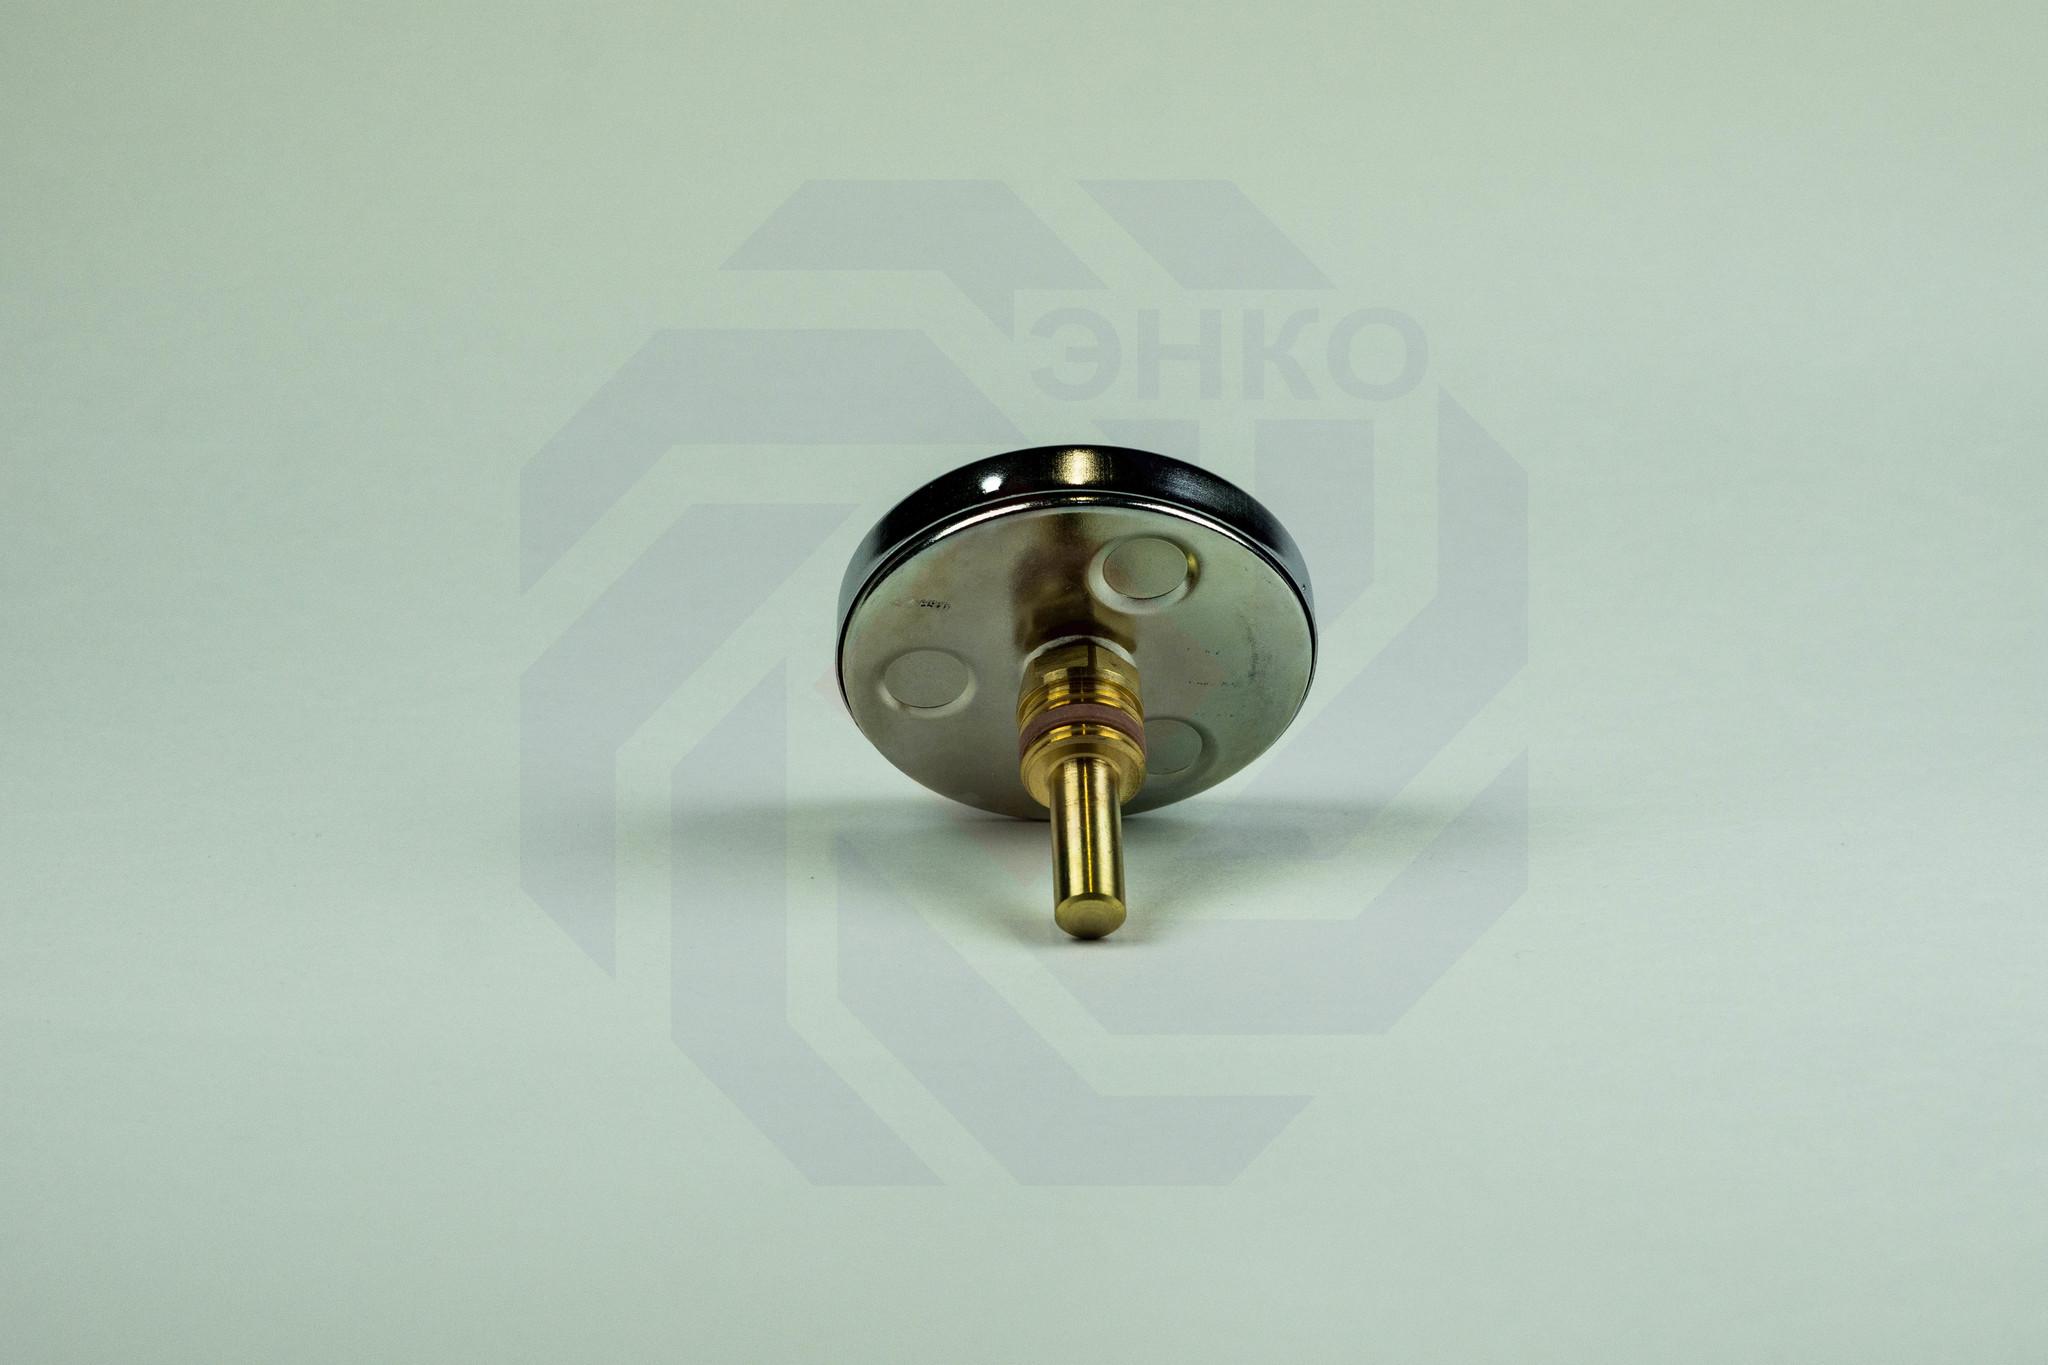 Термометр биметаллический аксиальный WATTS F+R801 SD 0-150 °С 80 мм ½